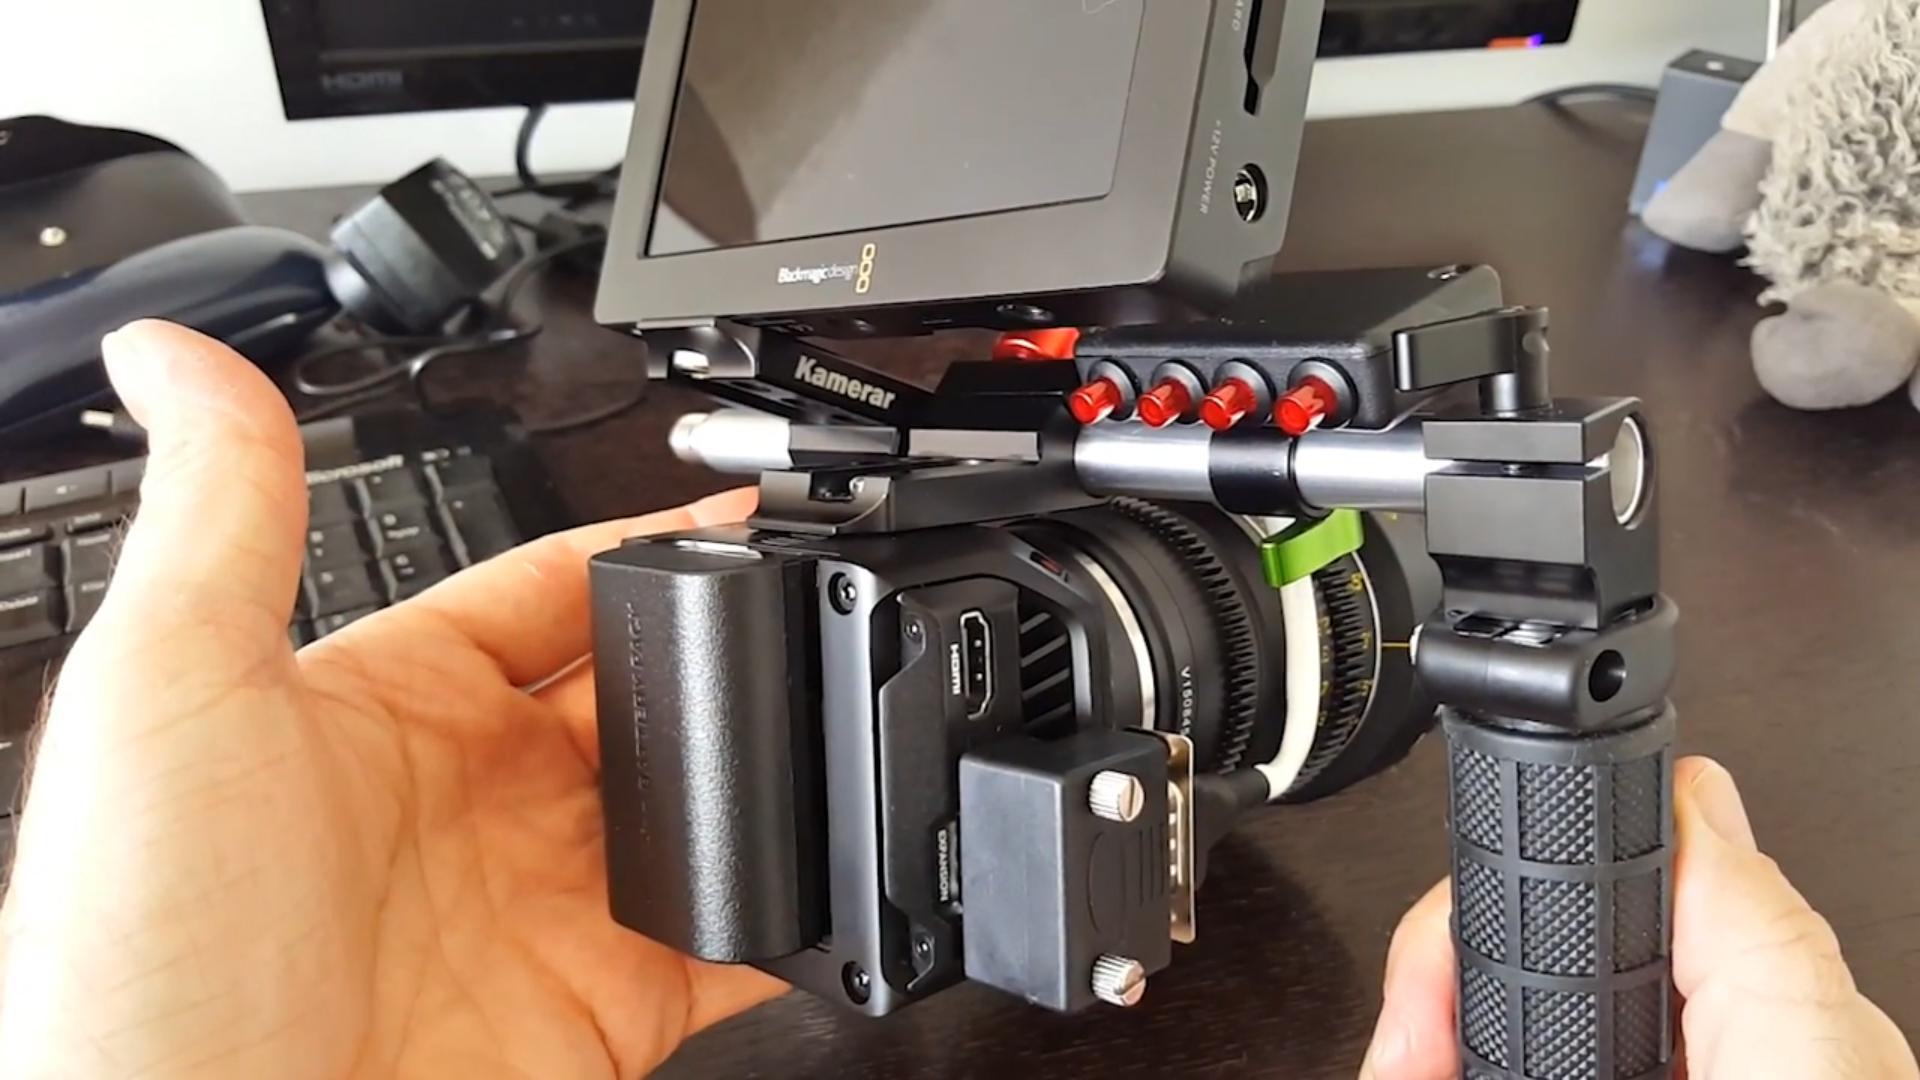 ブラックマジックデザインMicro Cinema Camera用リモコン — カメラ本体に取り付けて操作し易くするリモコン